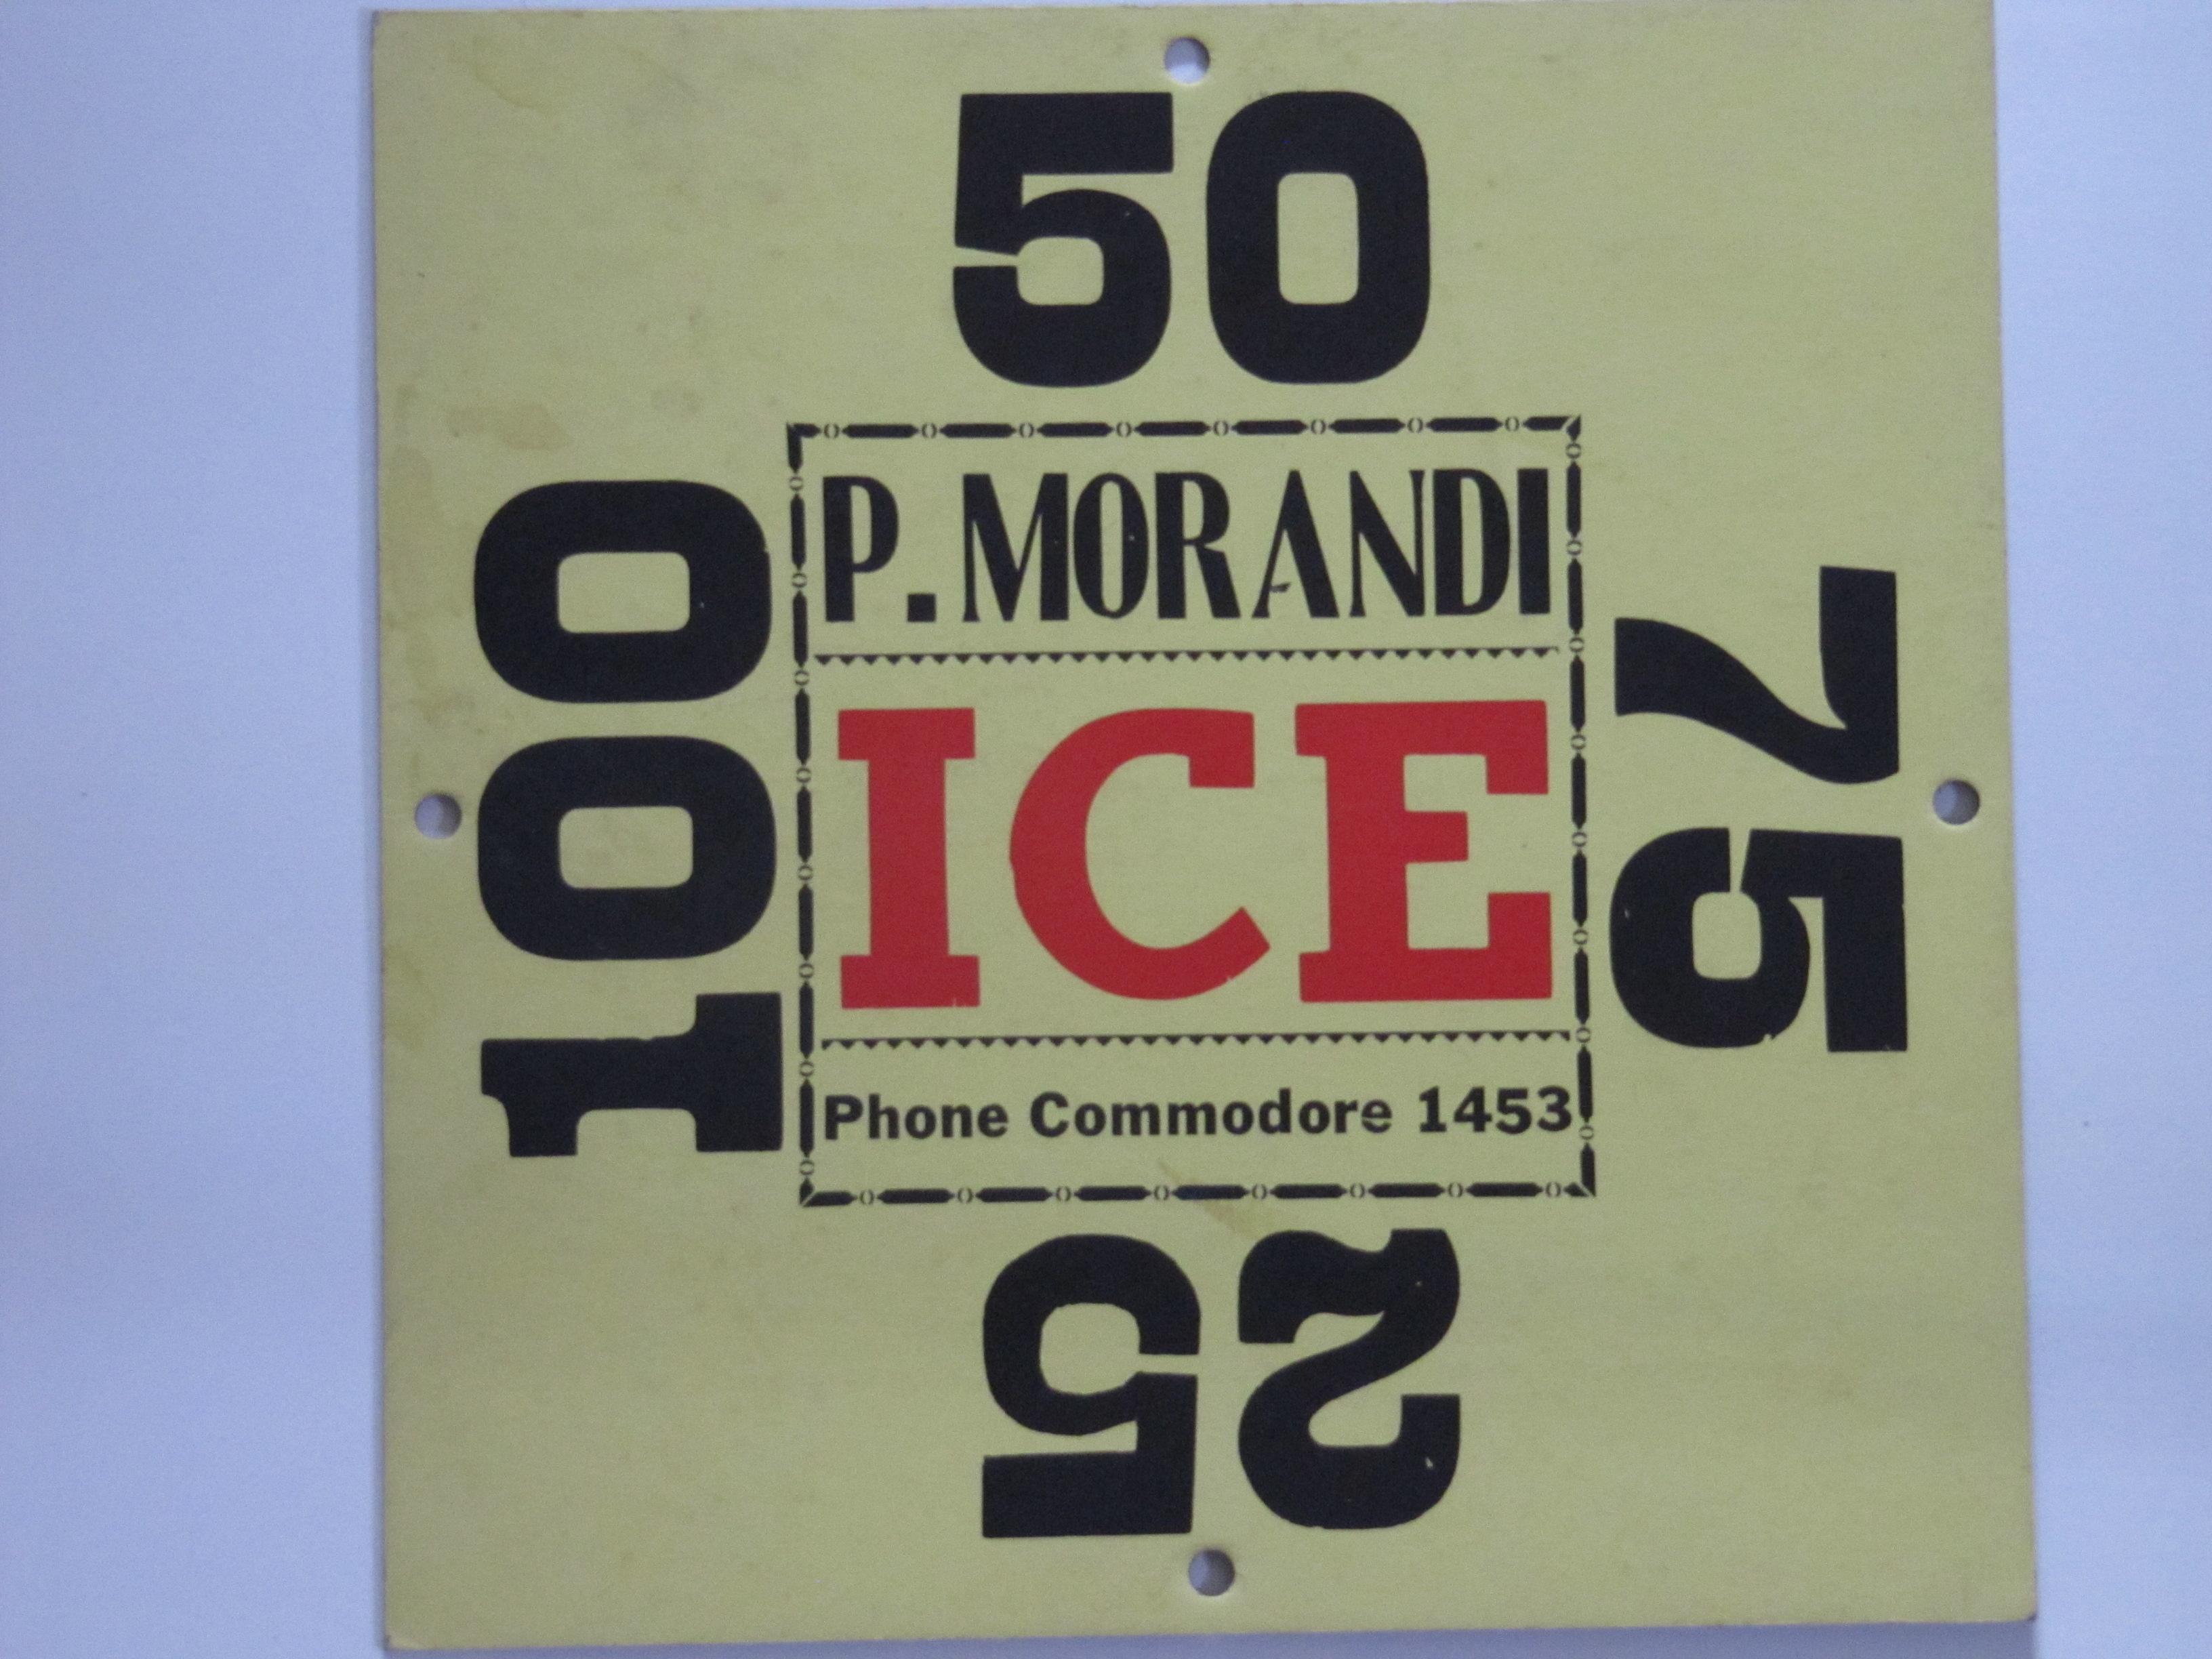 P.Morandi Ice